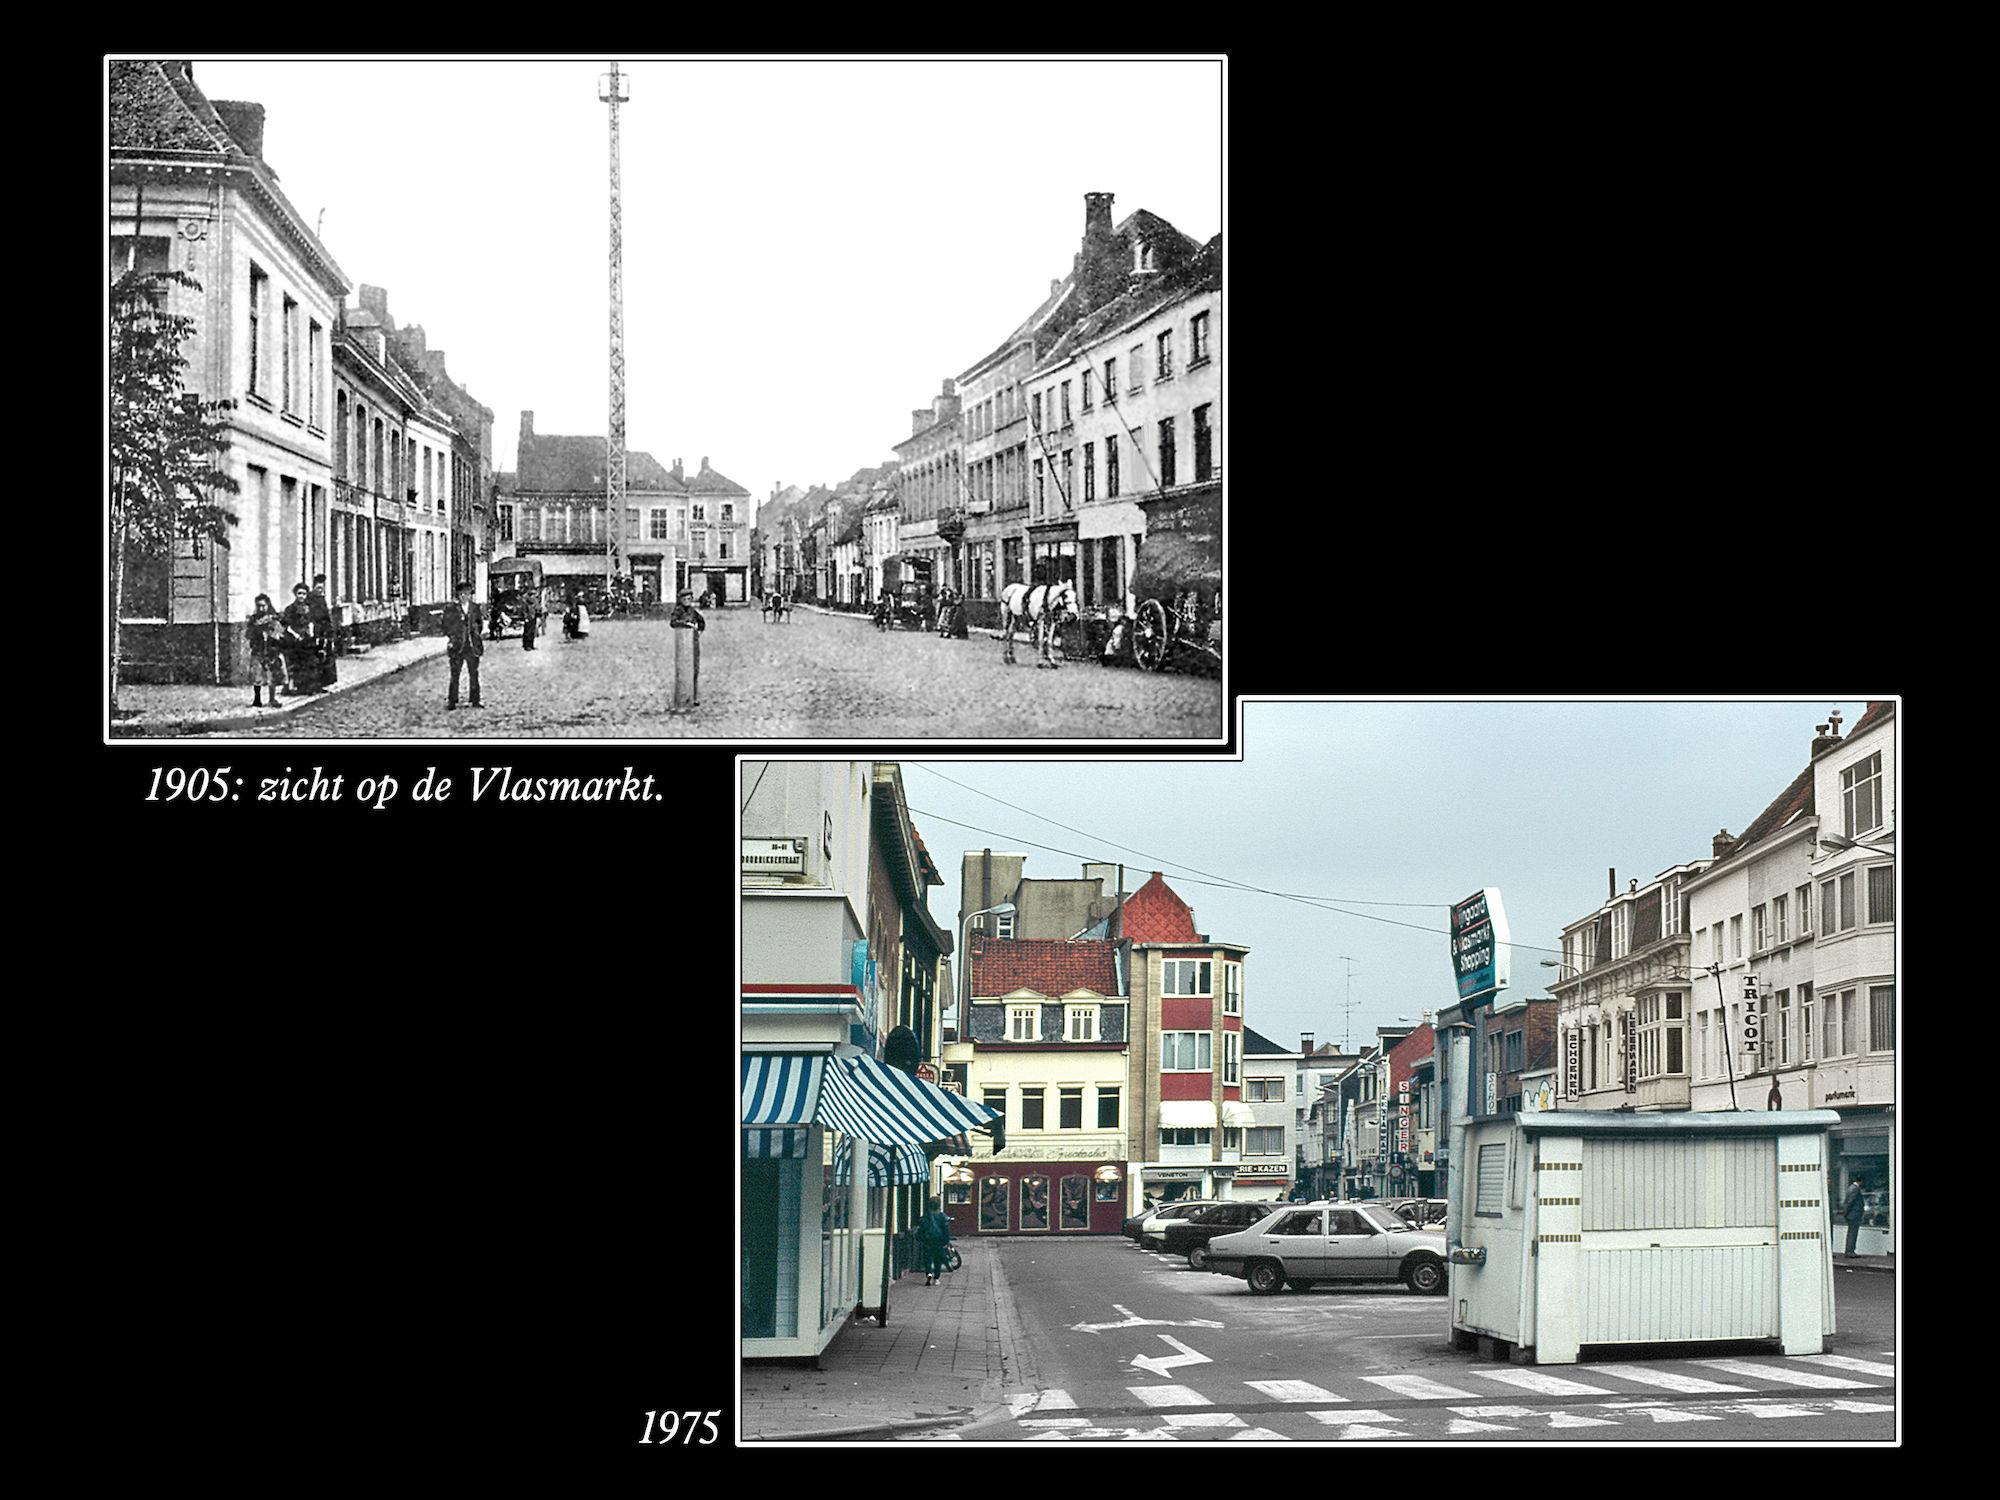 Vlasmarkt 1905 en 1975